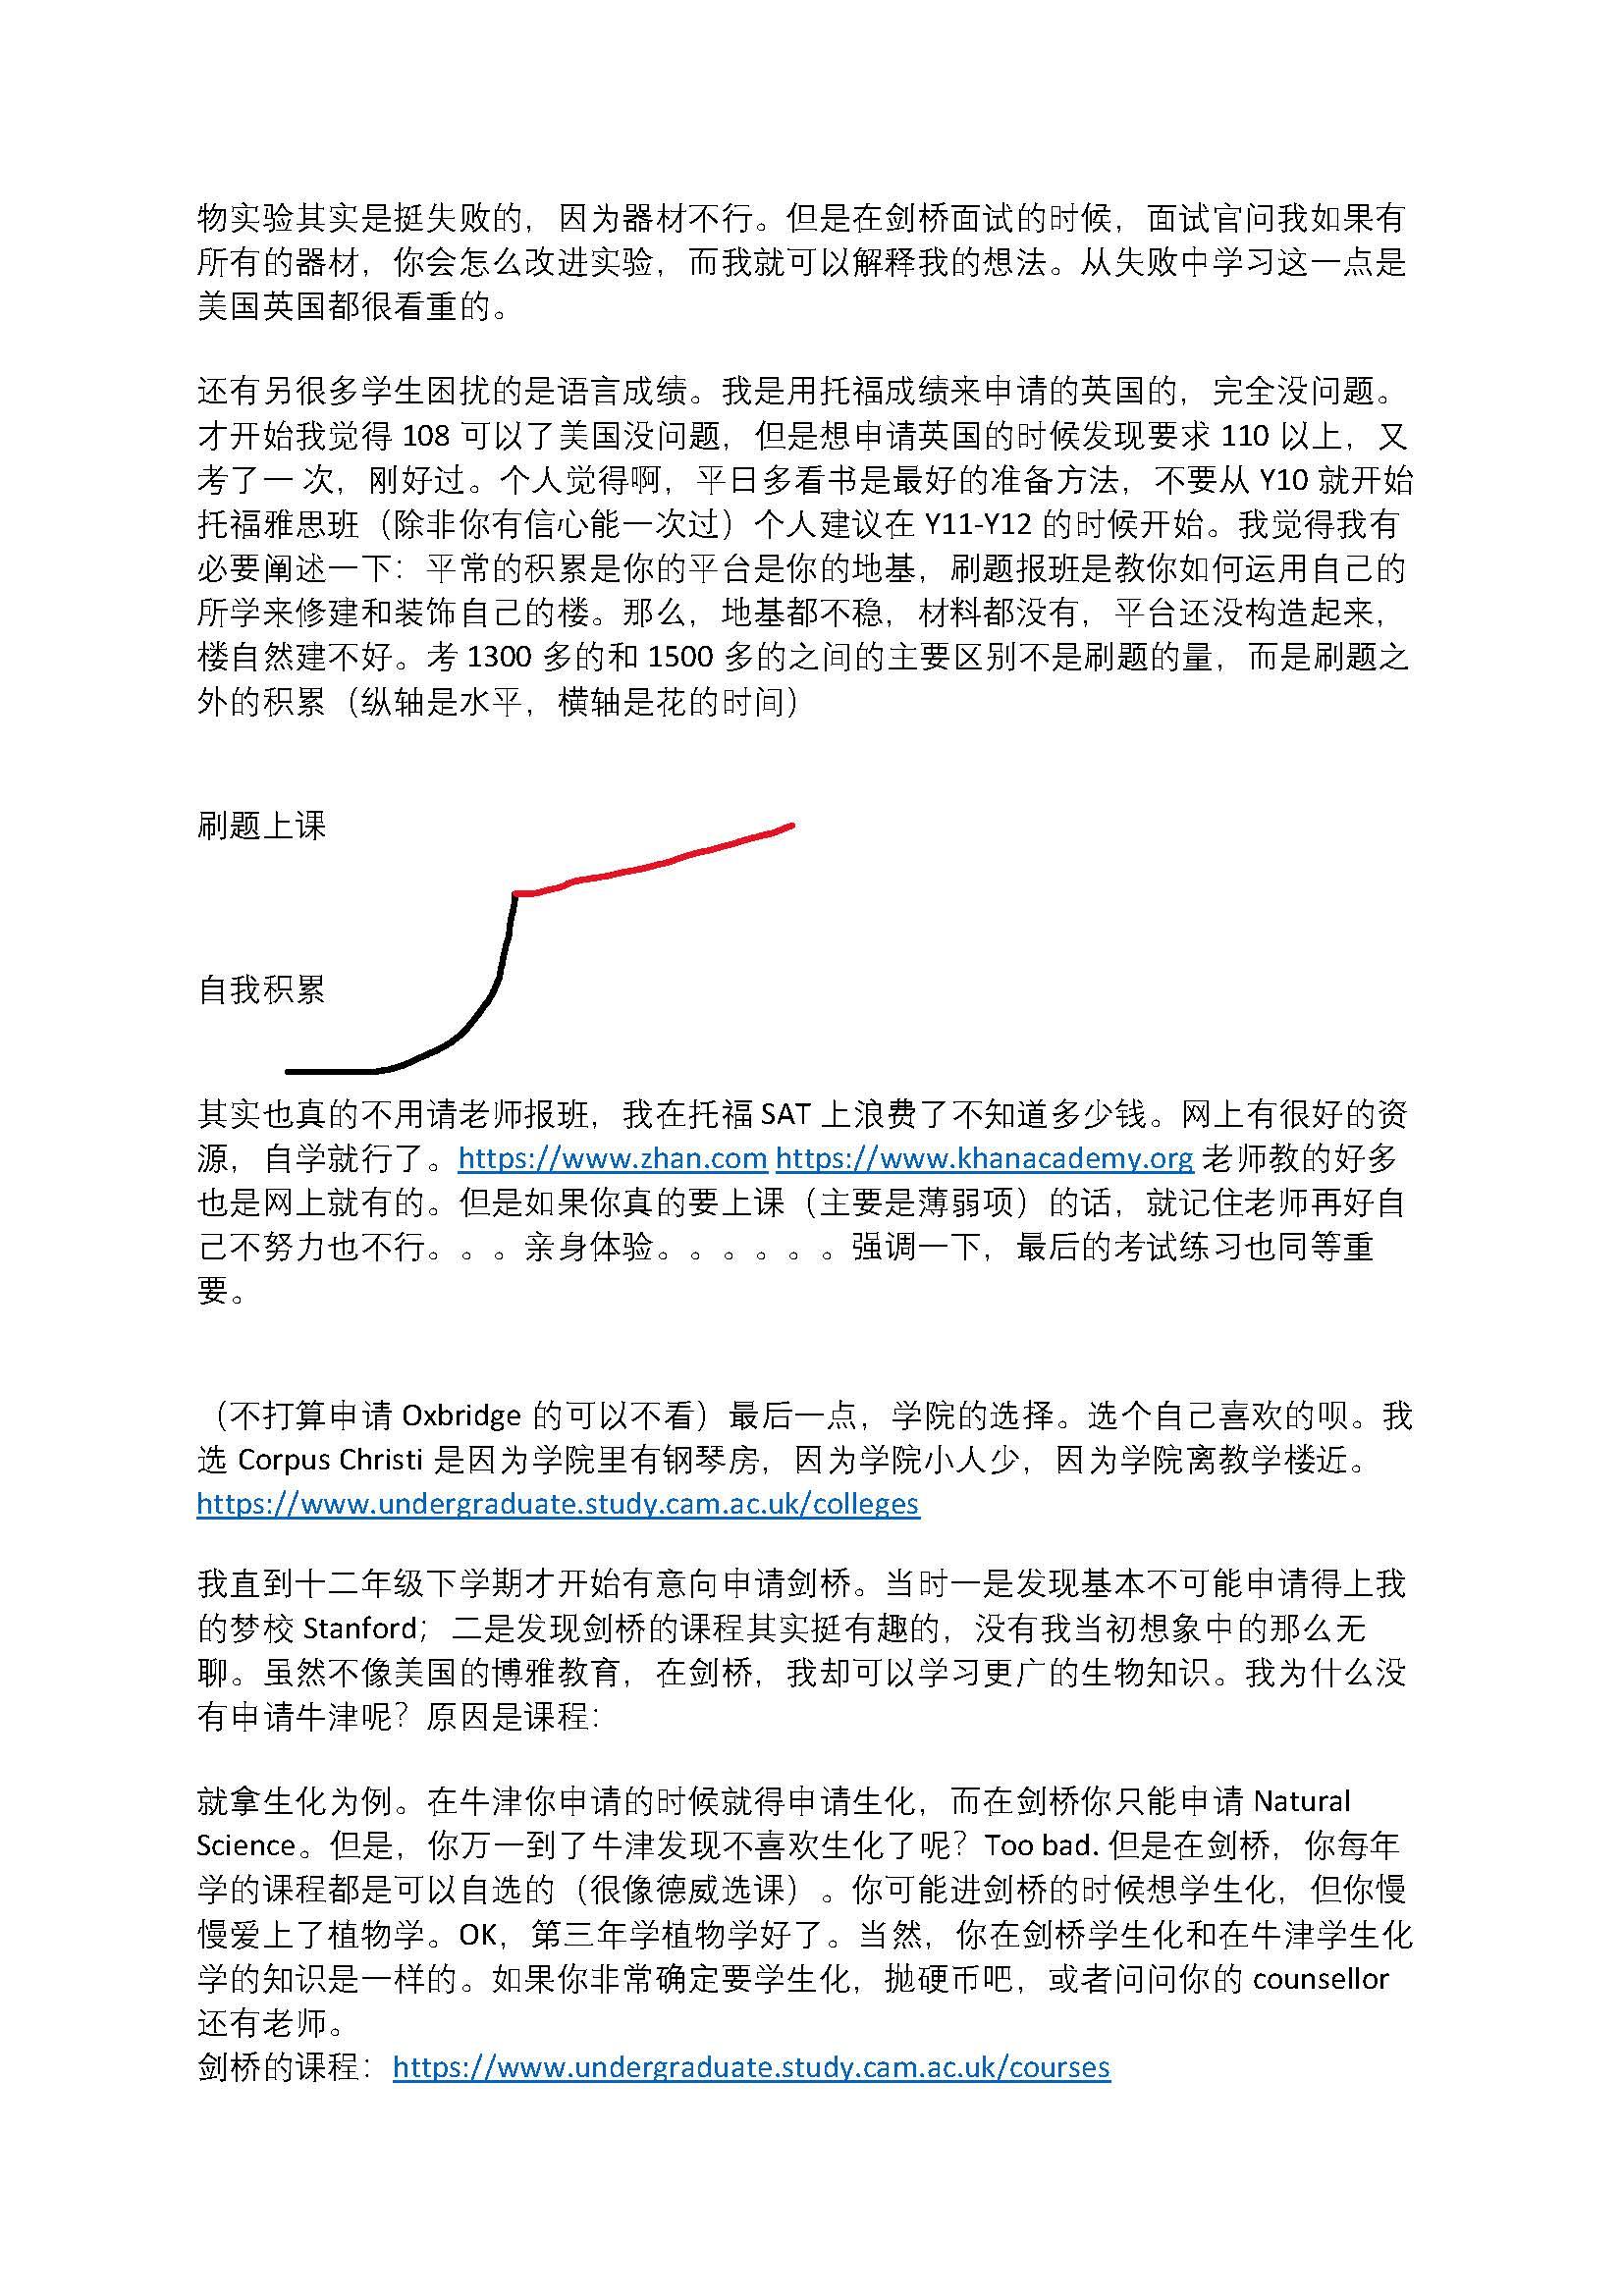 升学分享-leo-li-cambridge-page-2-苏州德威国际高中-20200601-082357-593